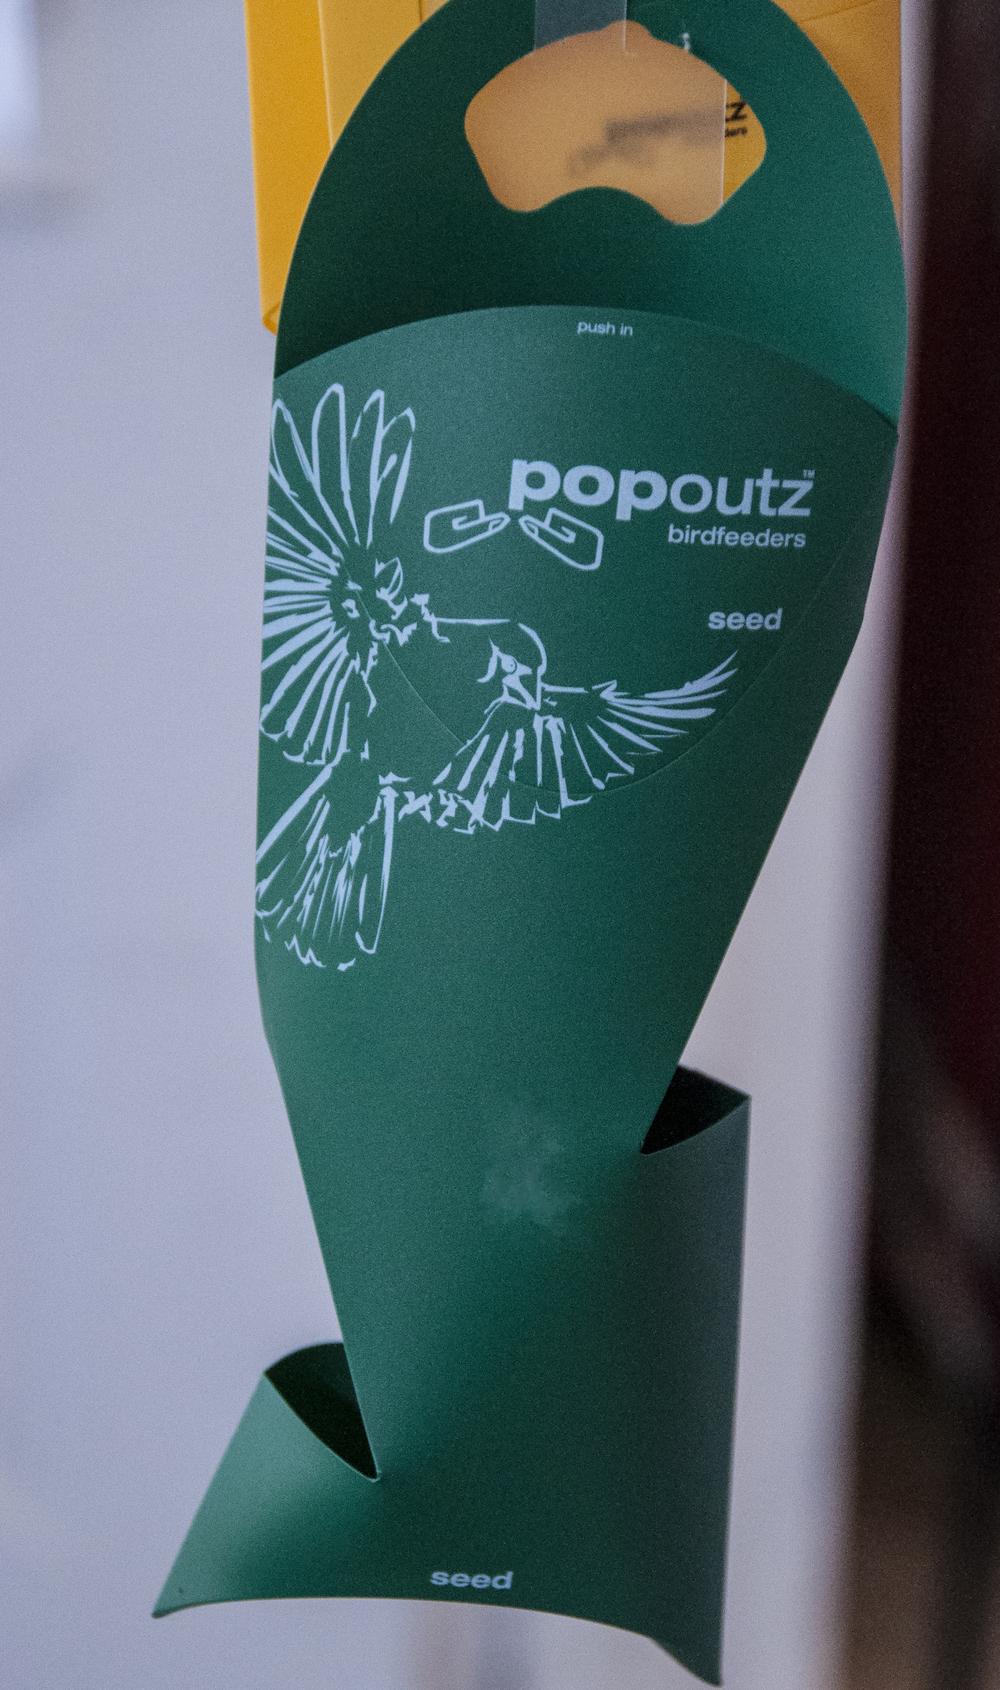 pop outz bird feeder